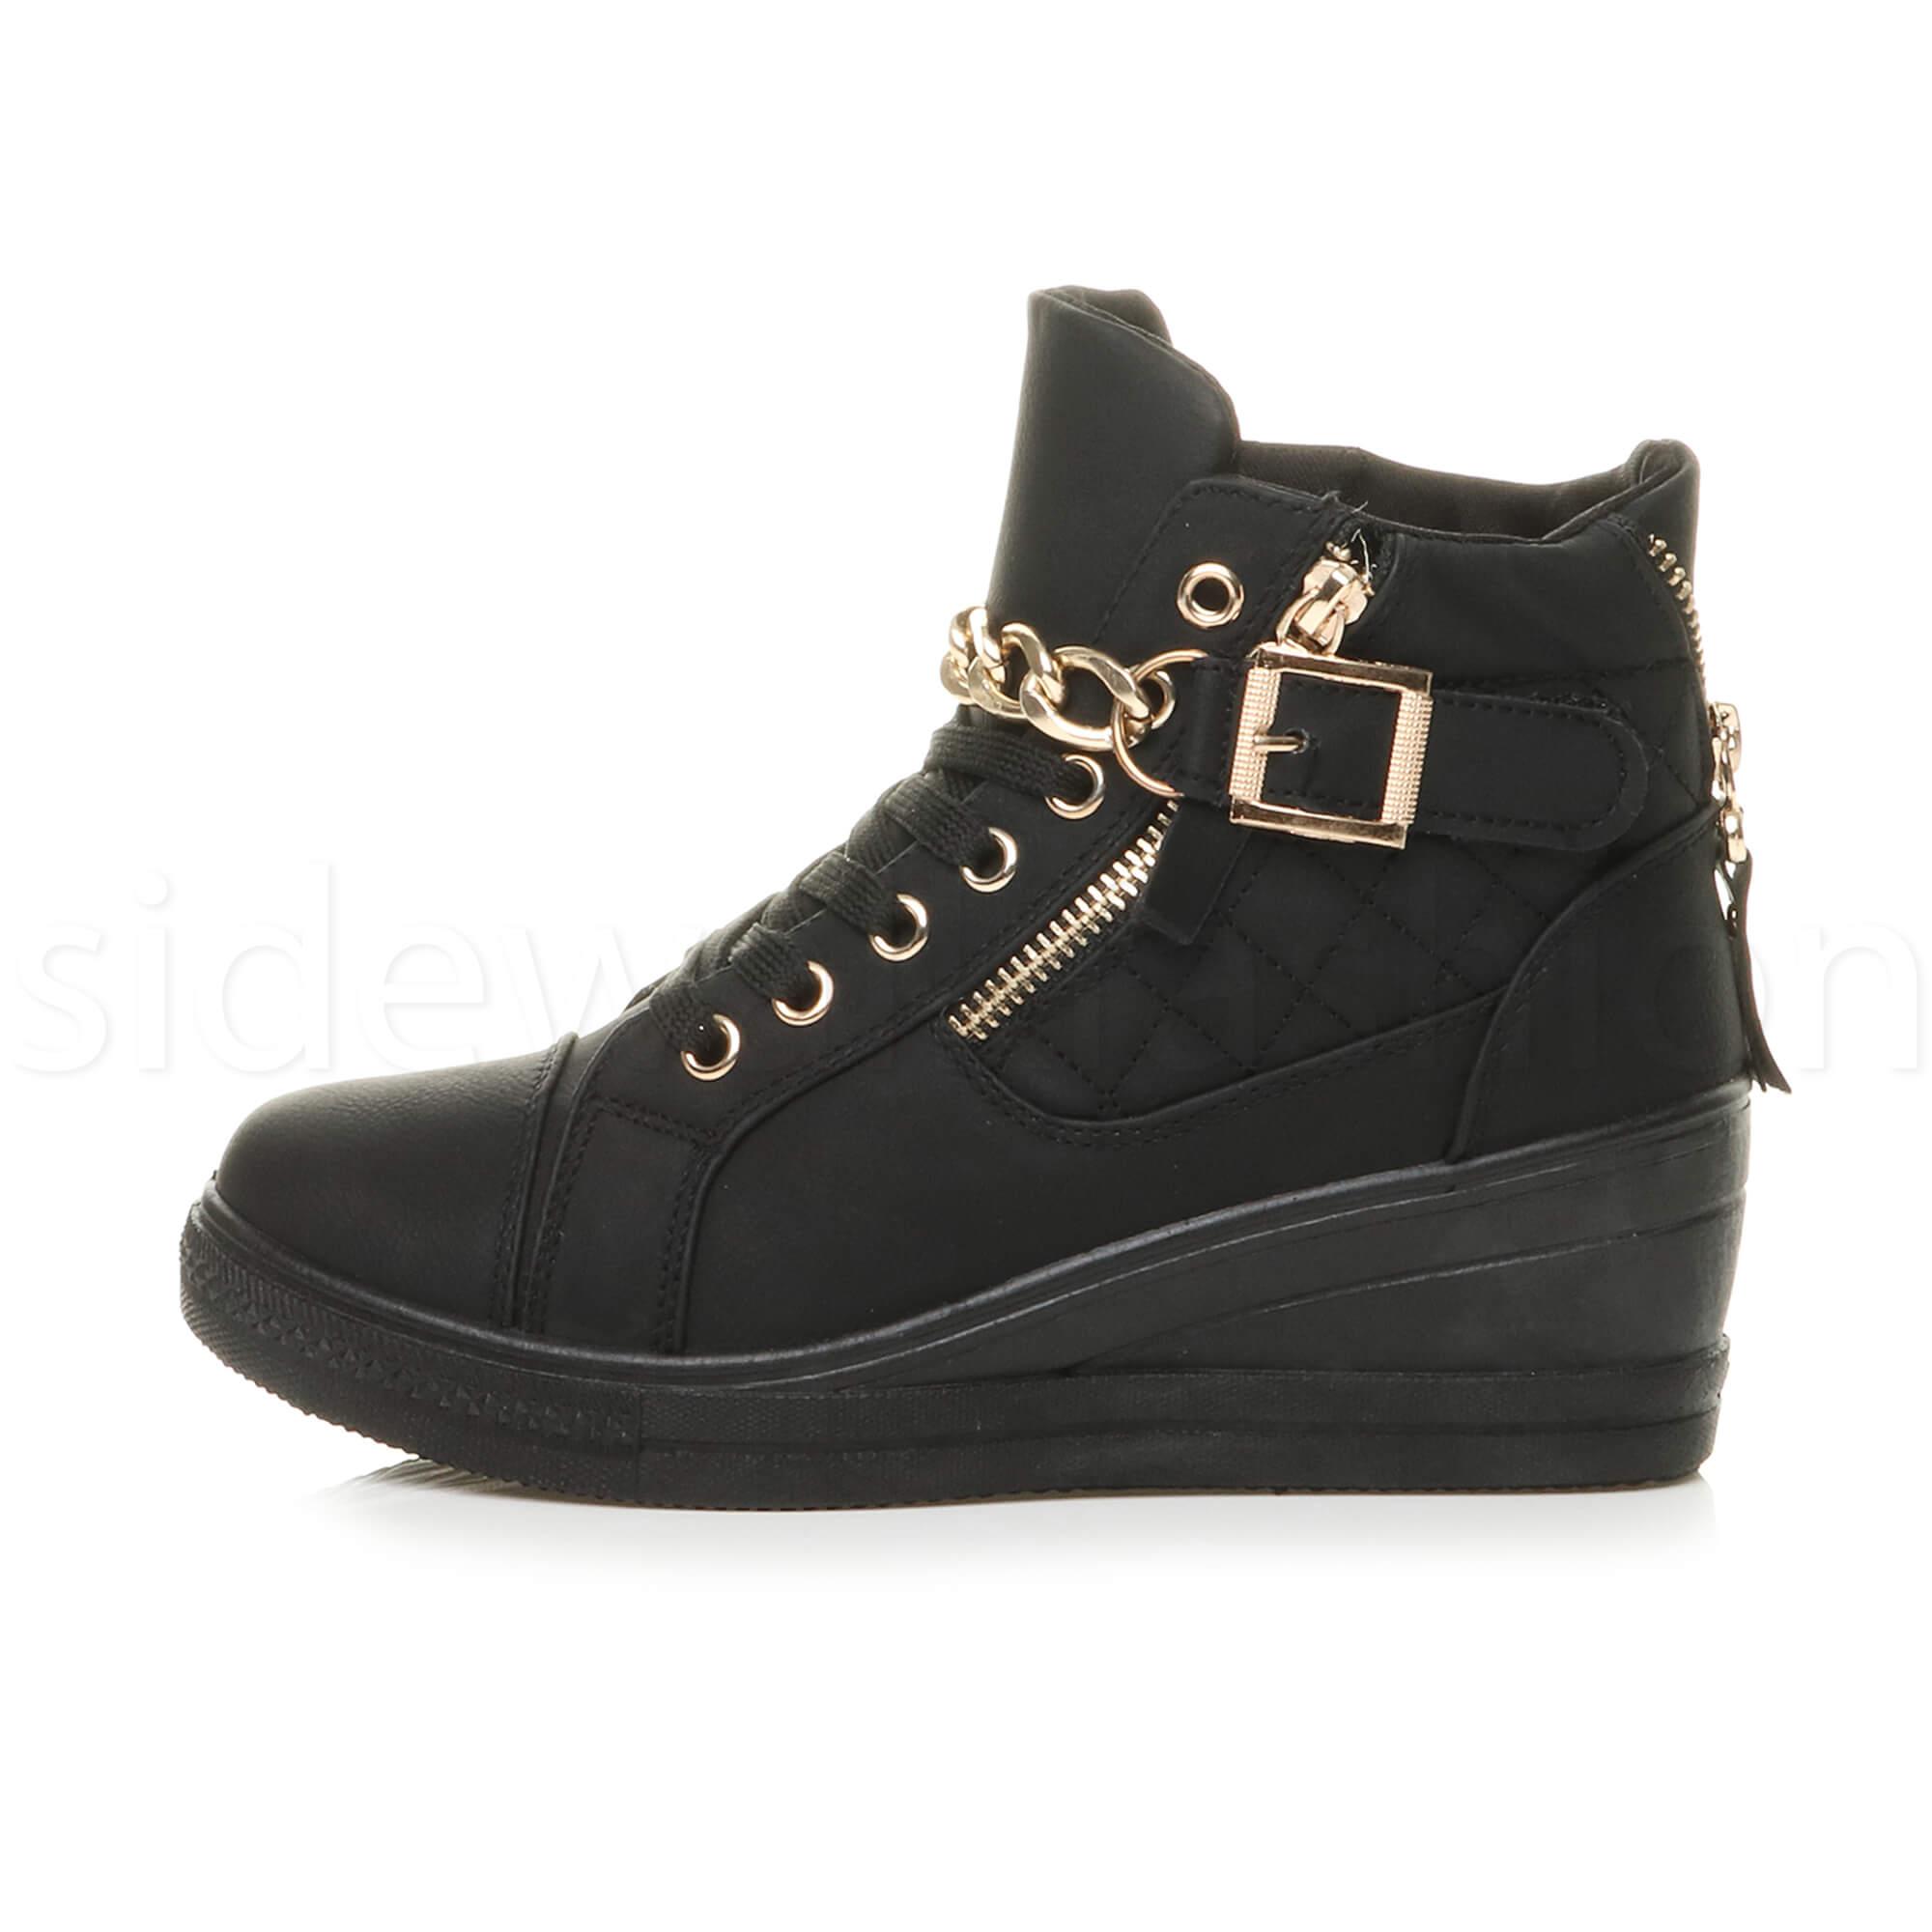 Ladies Platform Wedge Shoes